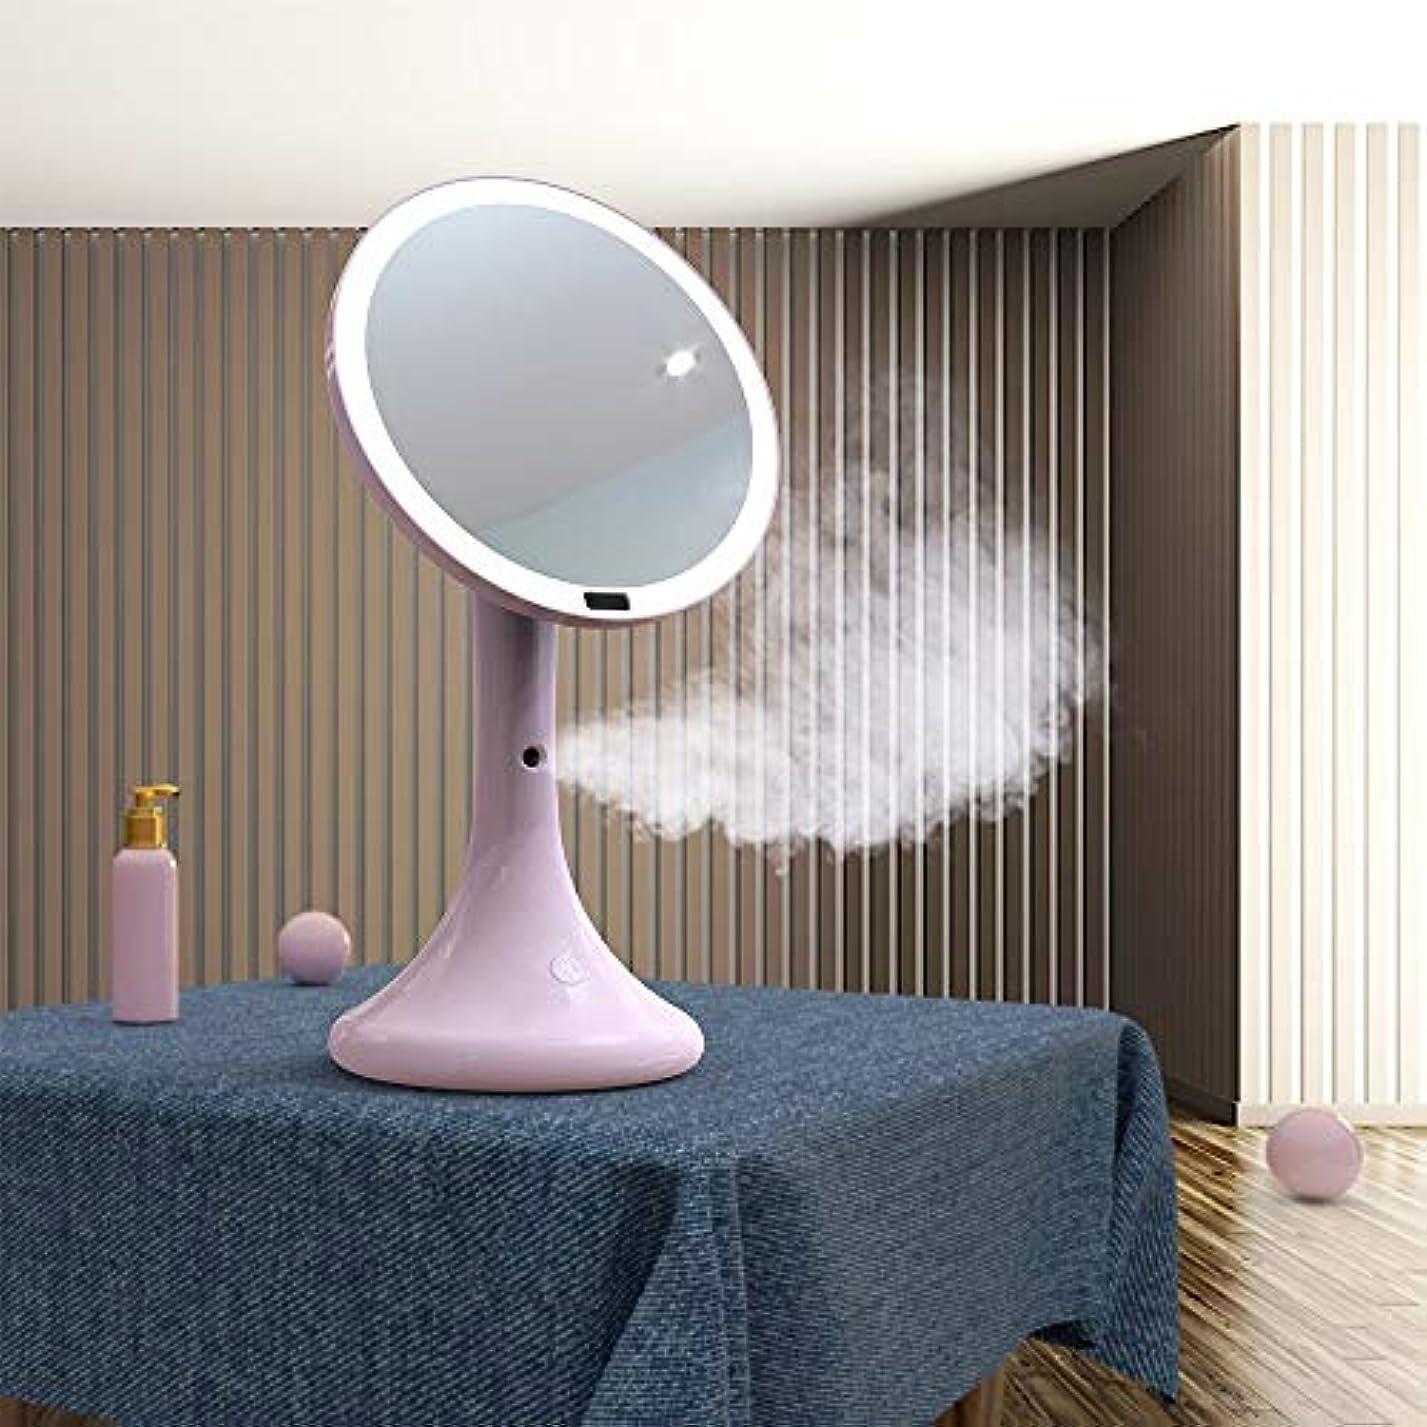 アスリート有限傑出した流行の スプレー水和LED化粧鏡インテリジェント人体誘導ランプミラーデスクトップ美容ミラー水和ABS素材ピンクセクションブルーセクション (色 : Pink)